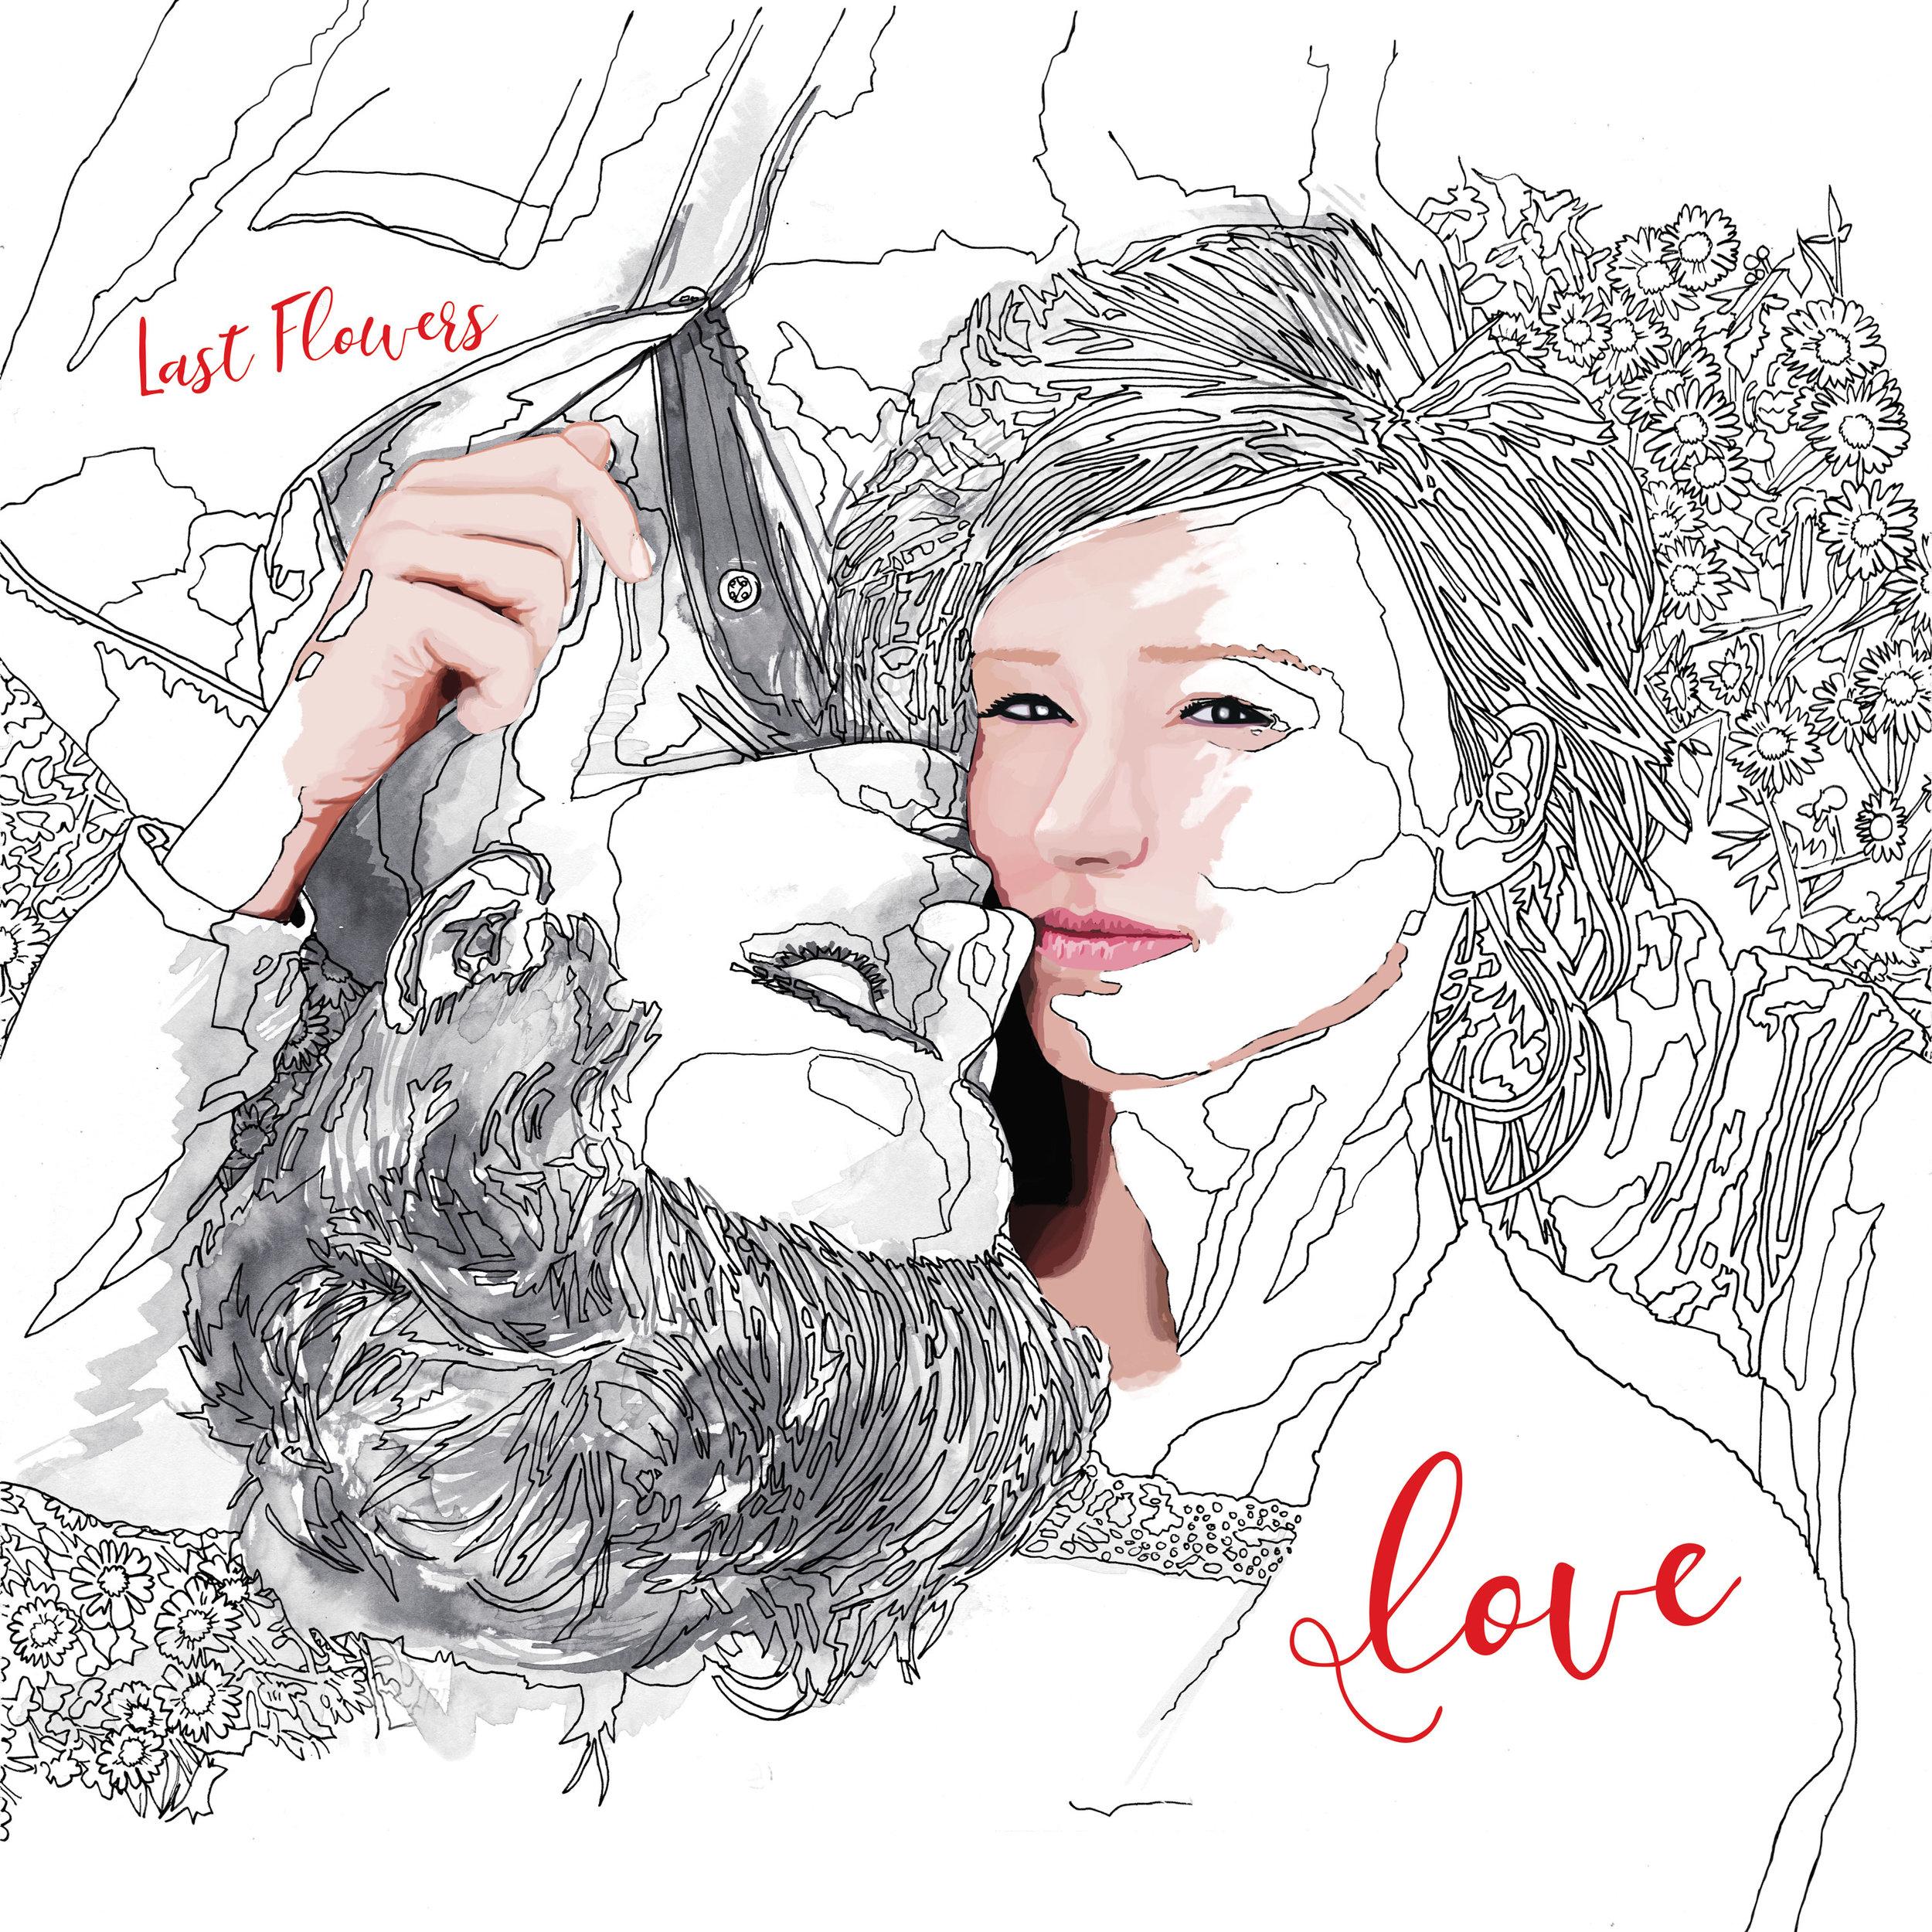 cover-album-3000pix.jpg